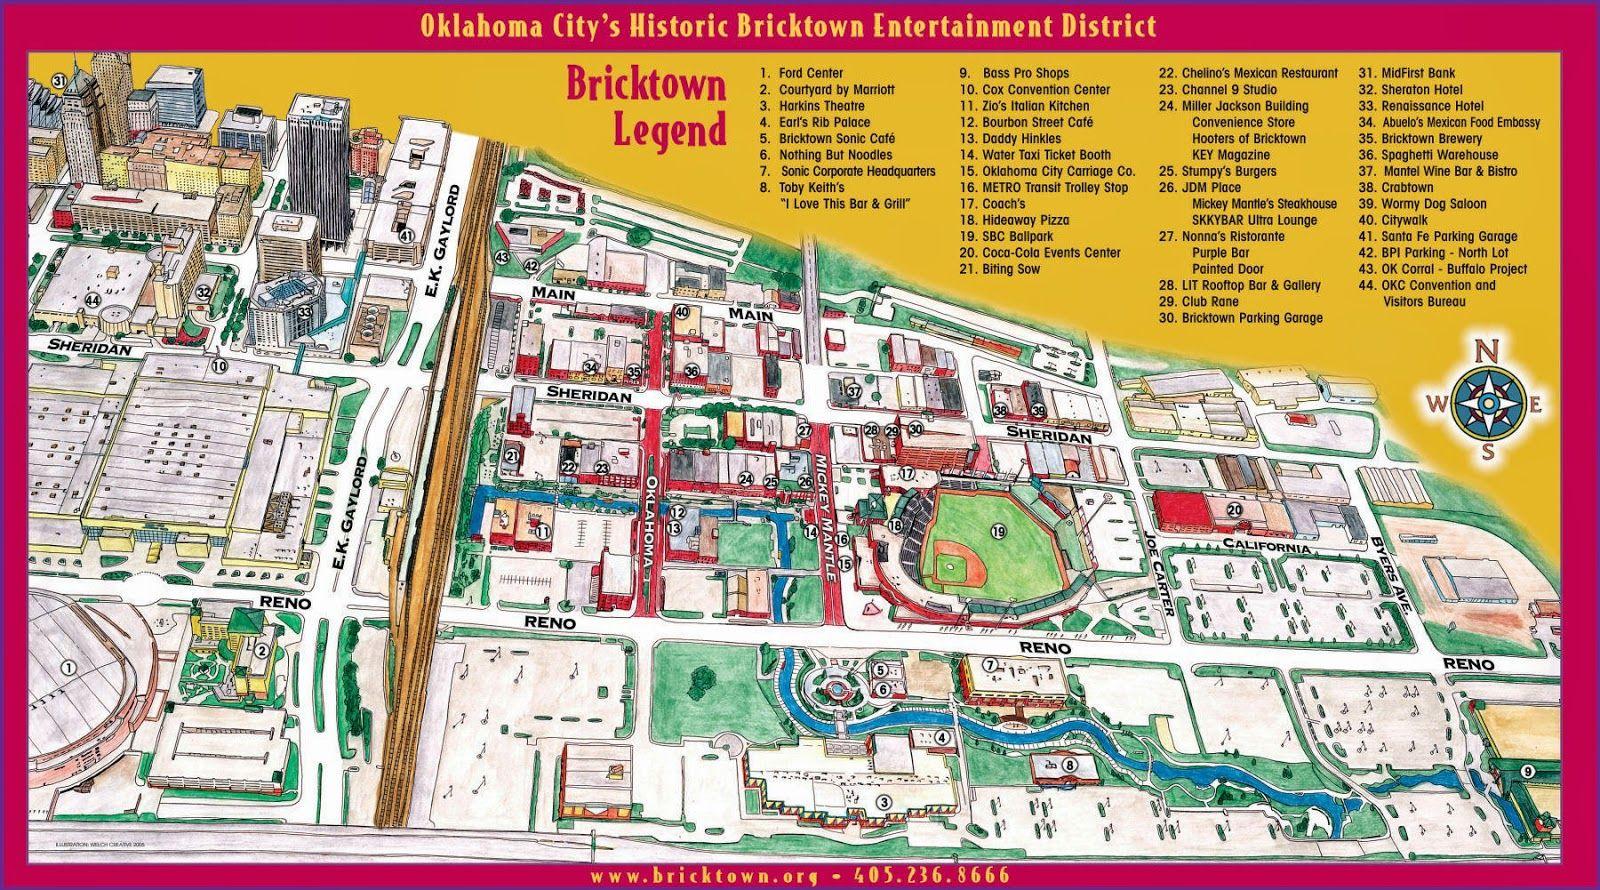 Carless In Okc Won T You Take Me To Bricktown Oklahoma City Entertainment District Oklahoma